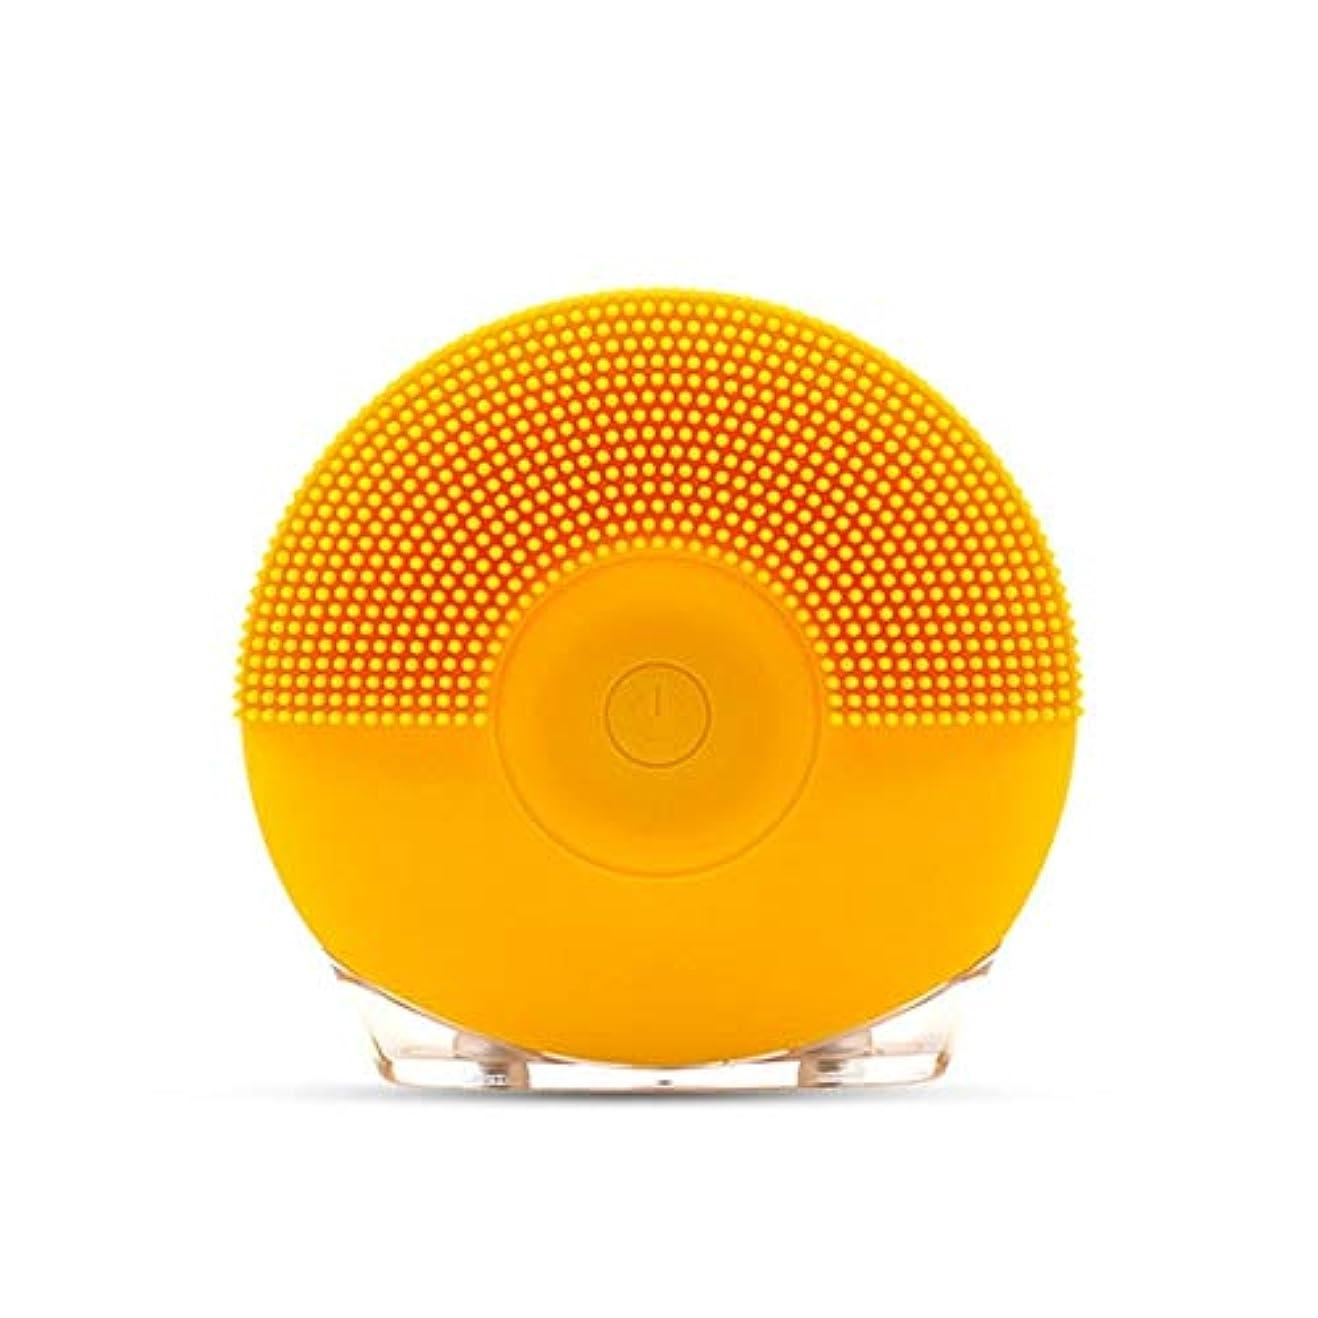 ねじれ黒板歌手ソニックバイブレーションフェイシャルクレンジングブラシ、シリコンUsbフェイシャルクレンジングブラシ (Color : Yellow)